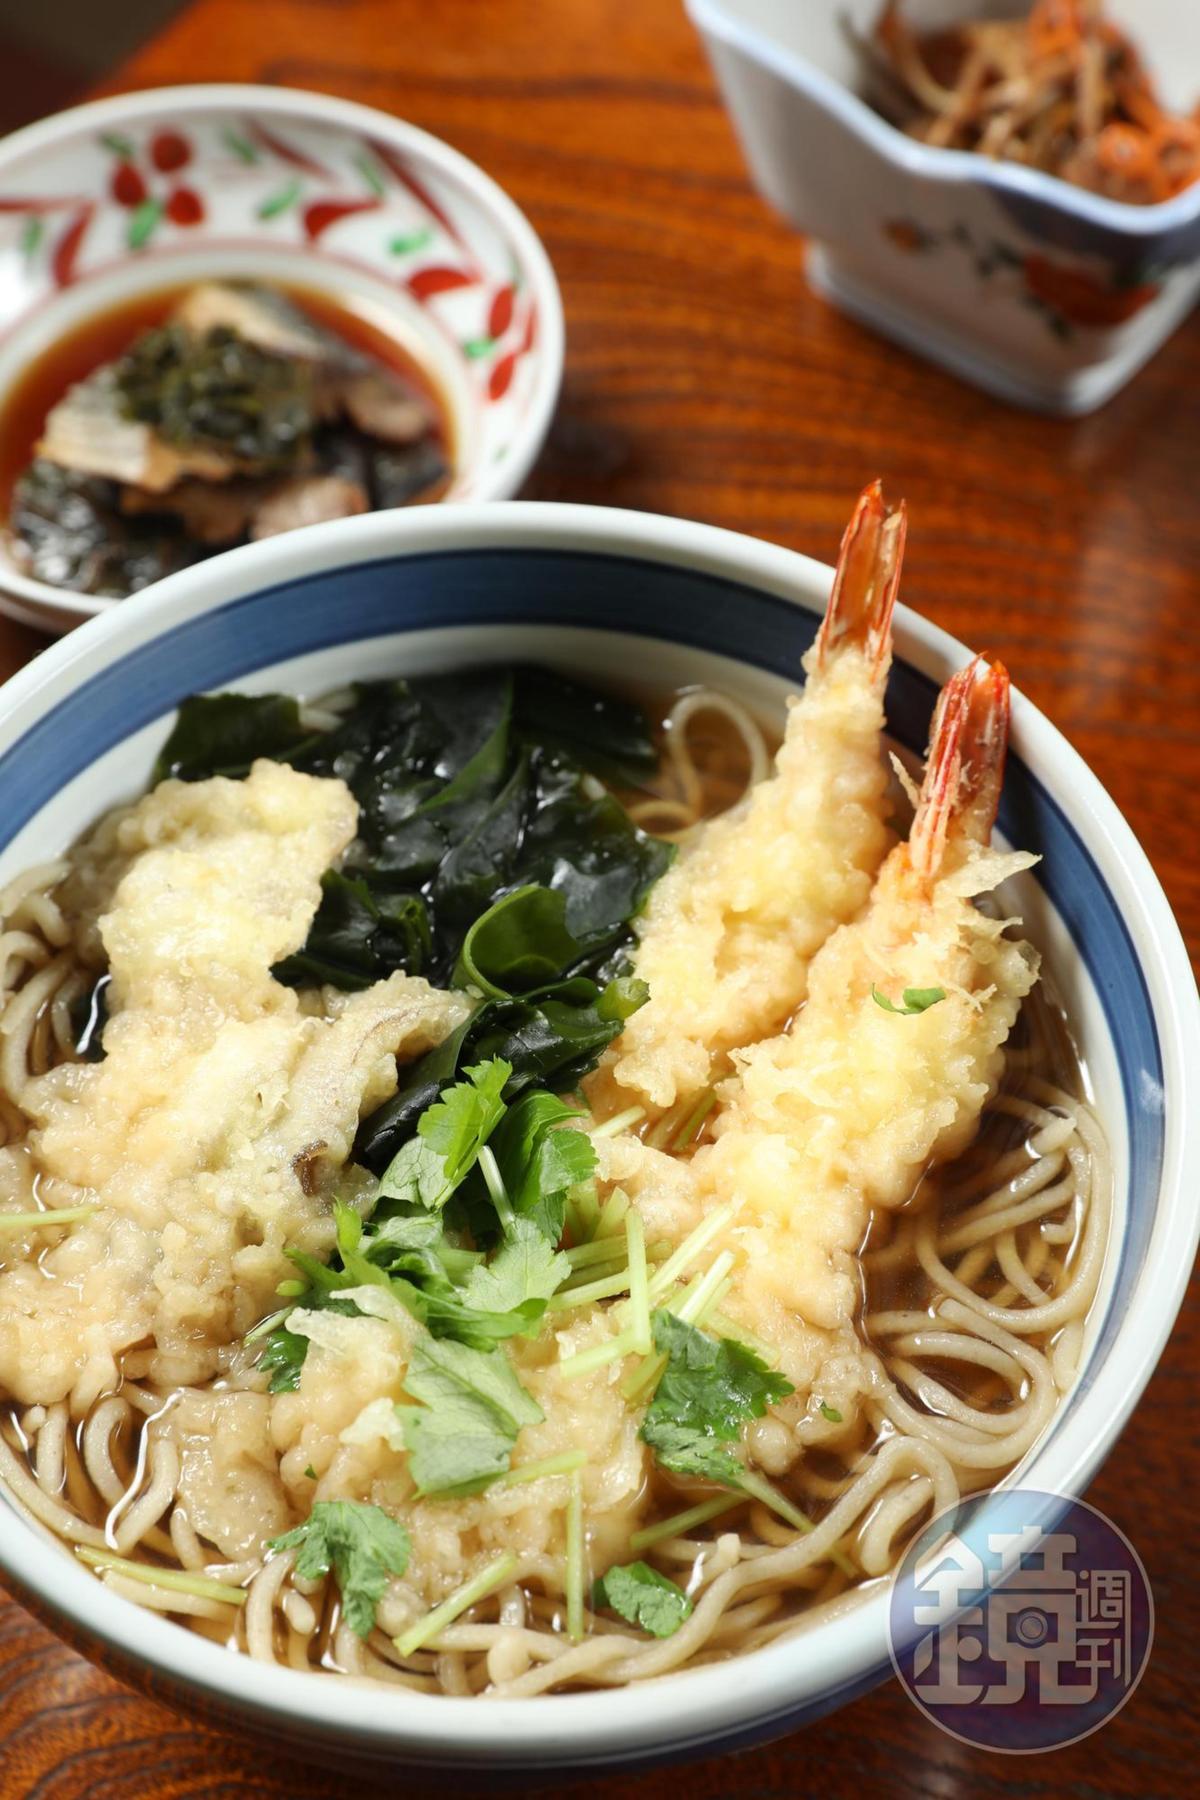 「海老天婦羅」蕎麥麵是溫蕎麥麵中的人氣王。(940日圓/碗,約NT$254)